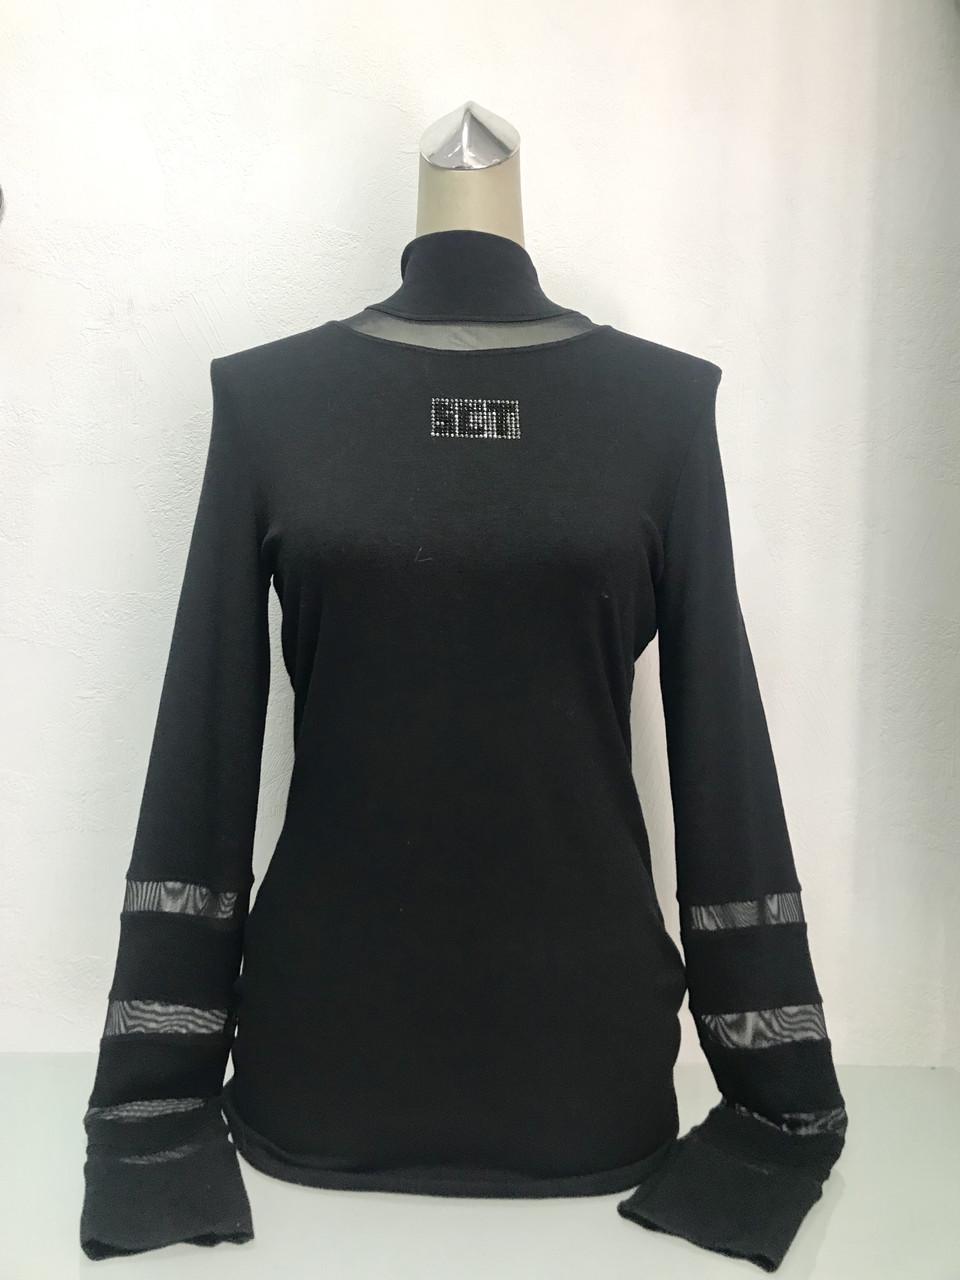 Водолазка женская  Societa черная с прозрачными вставками.